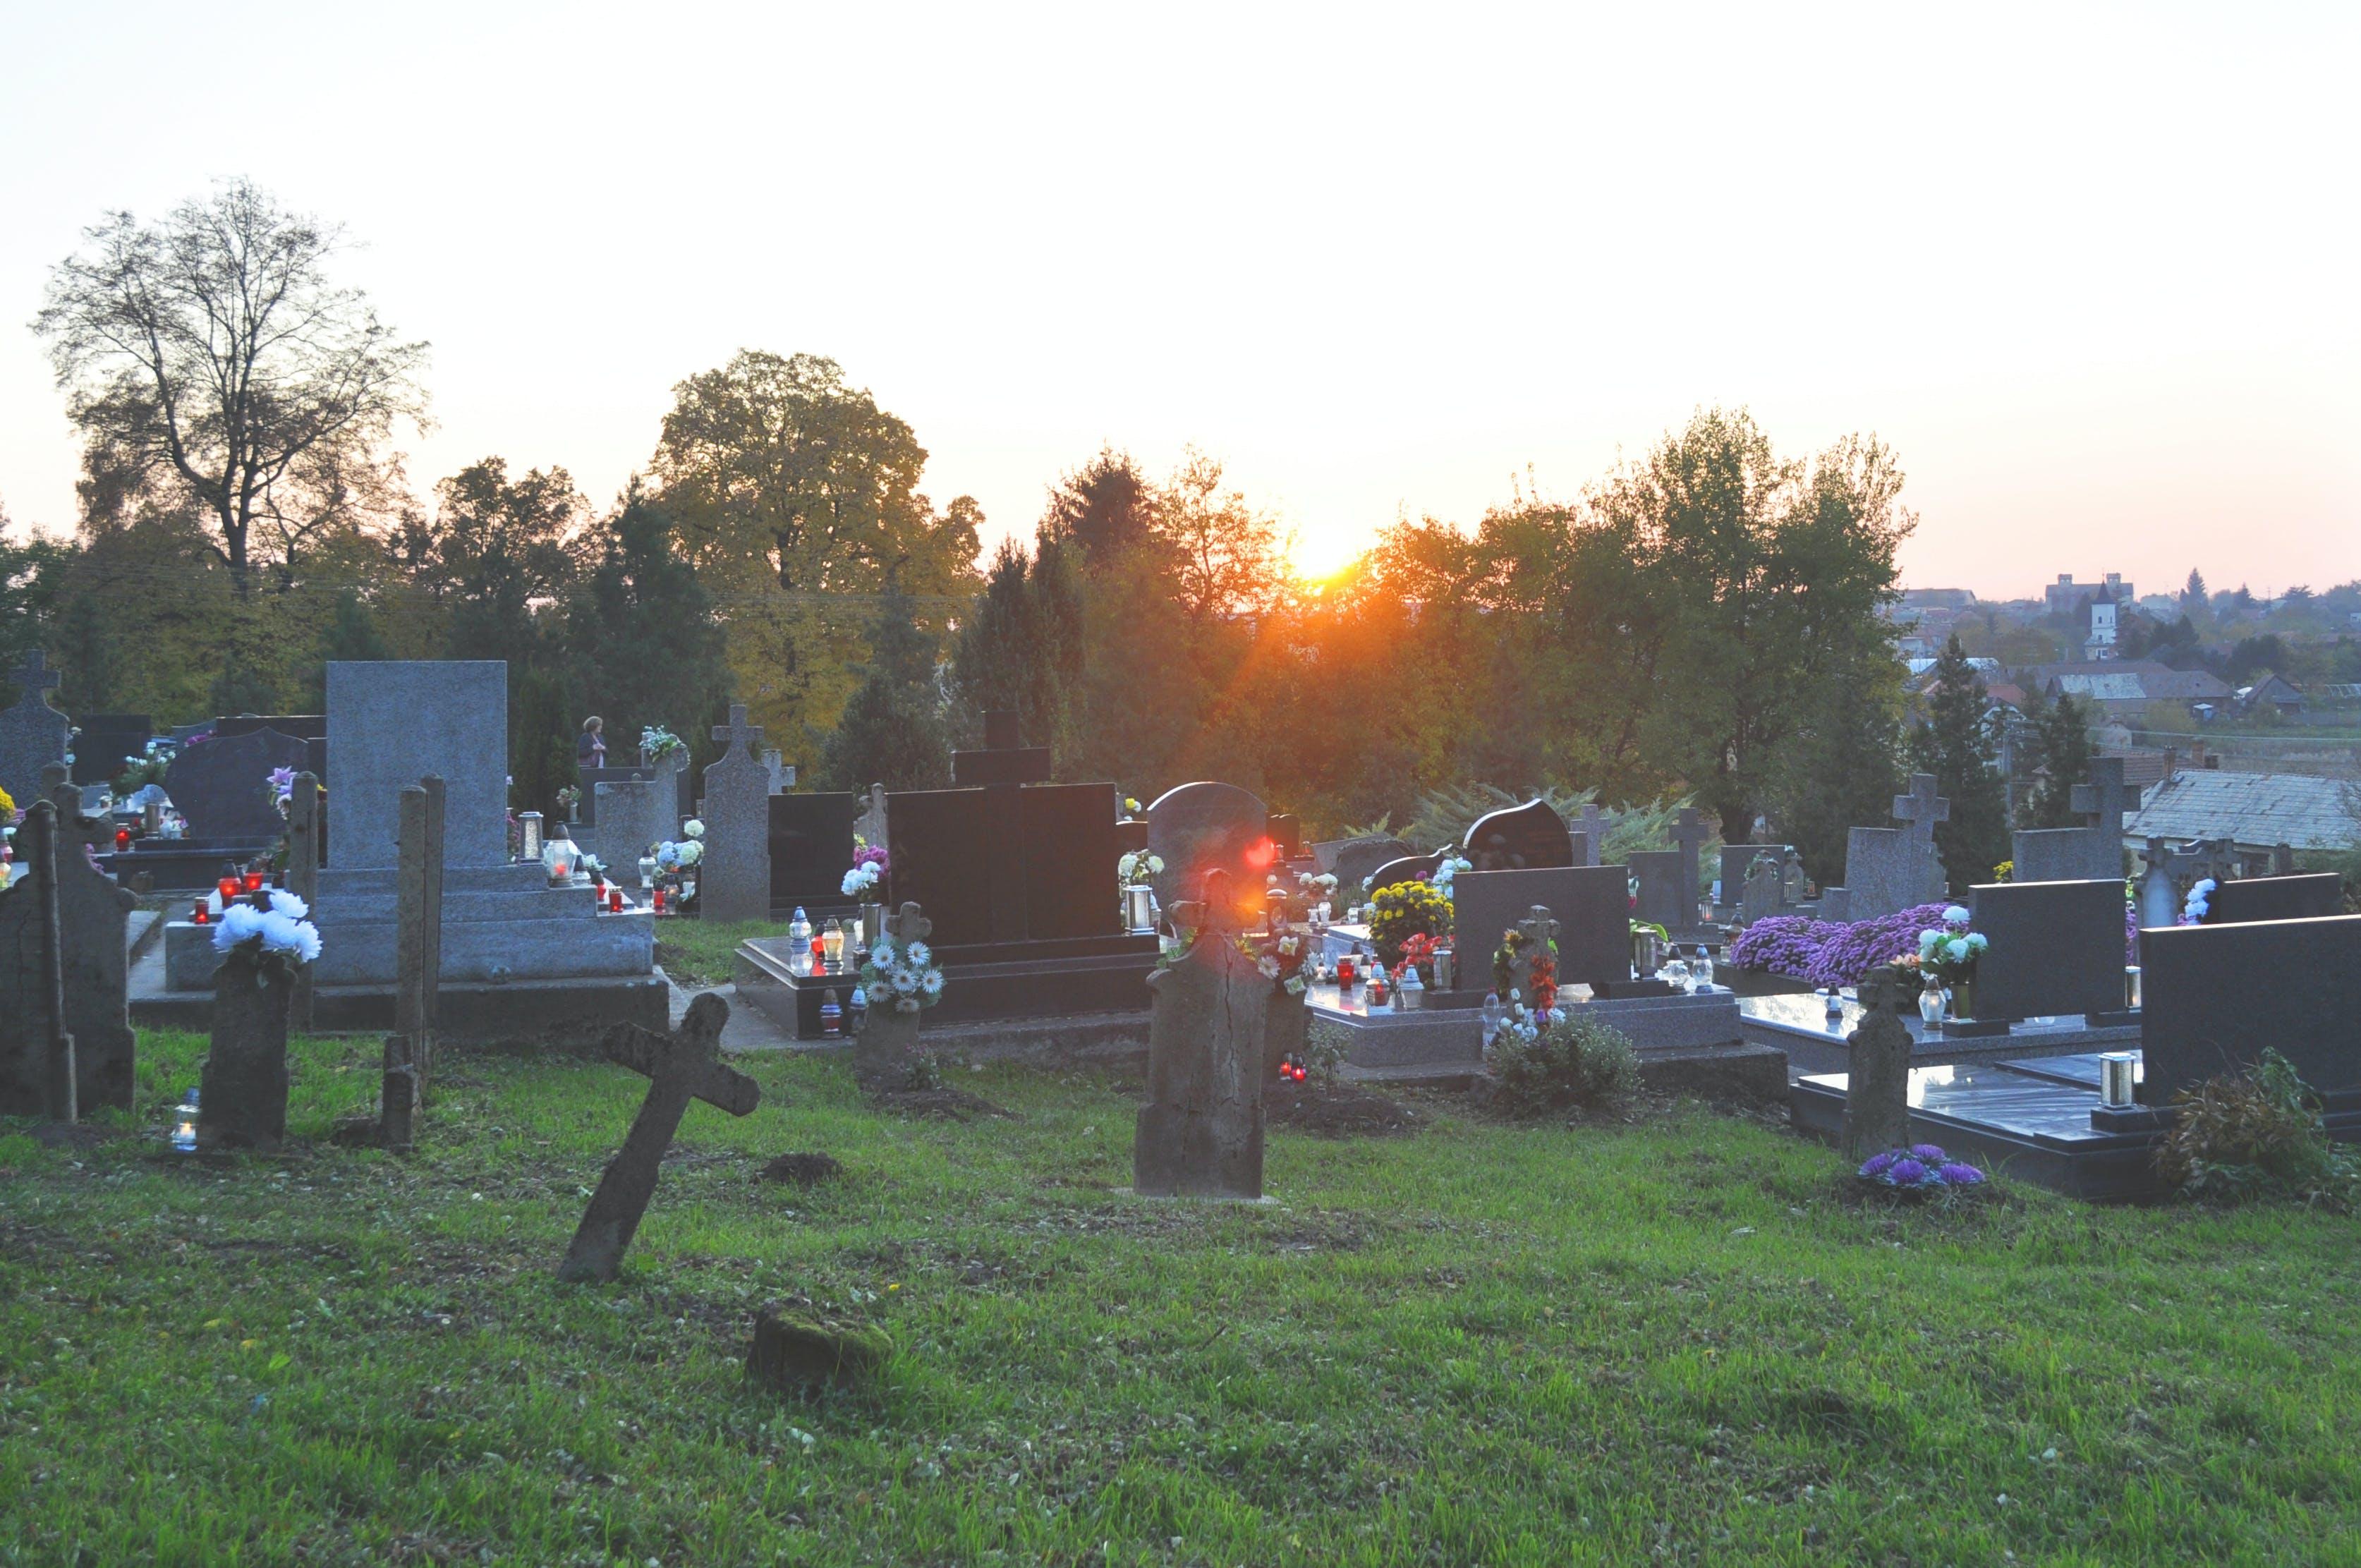 Immagine gratuita di alberi, atmosfera, cielo di sera, cimitero